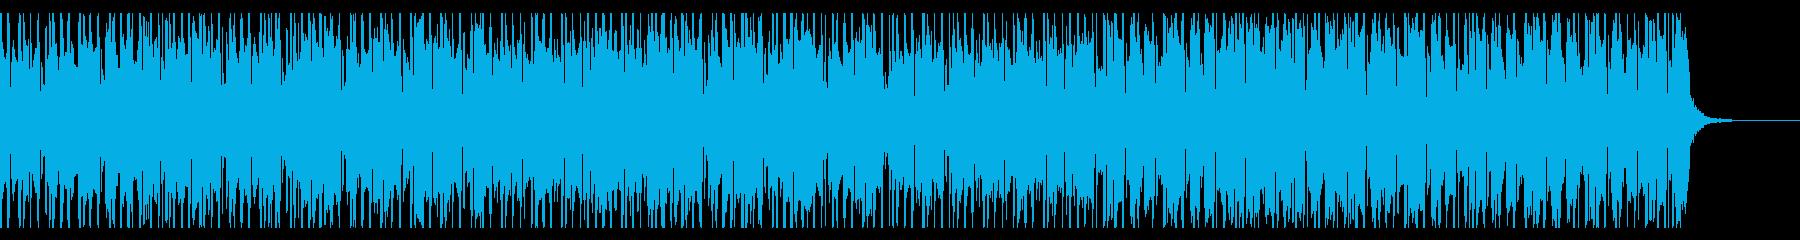 おしゃれで落ち着いたシンプルなジャズの再生済みの波形